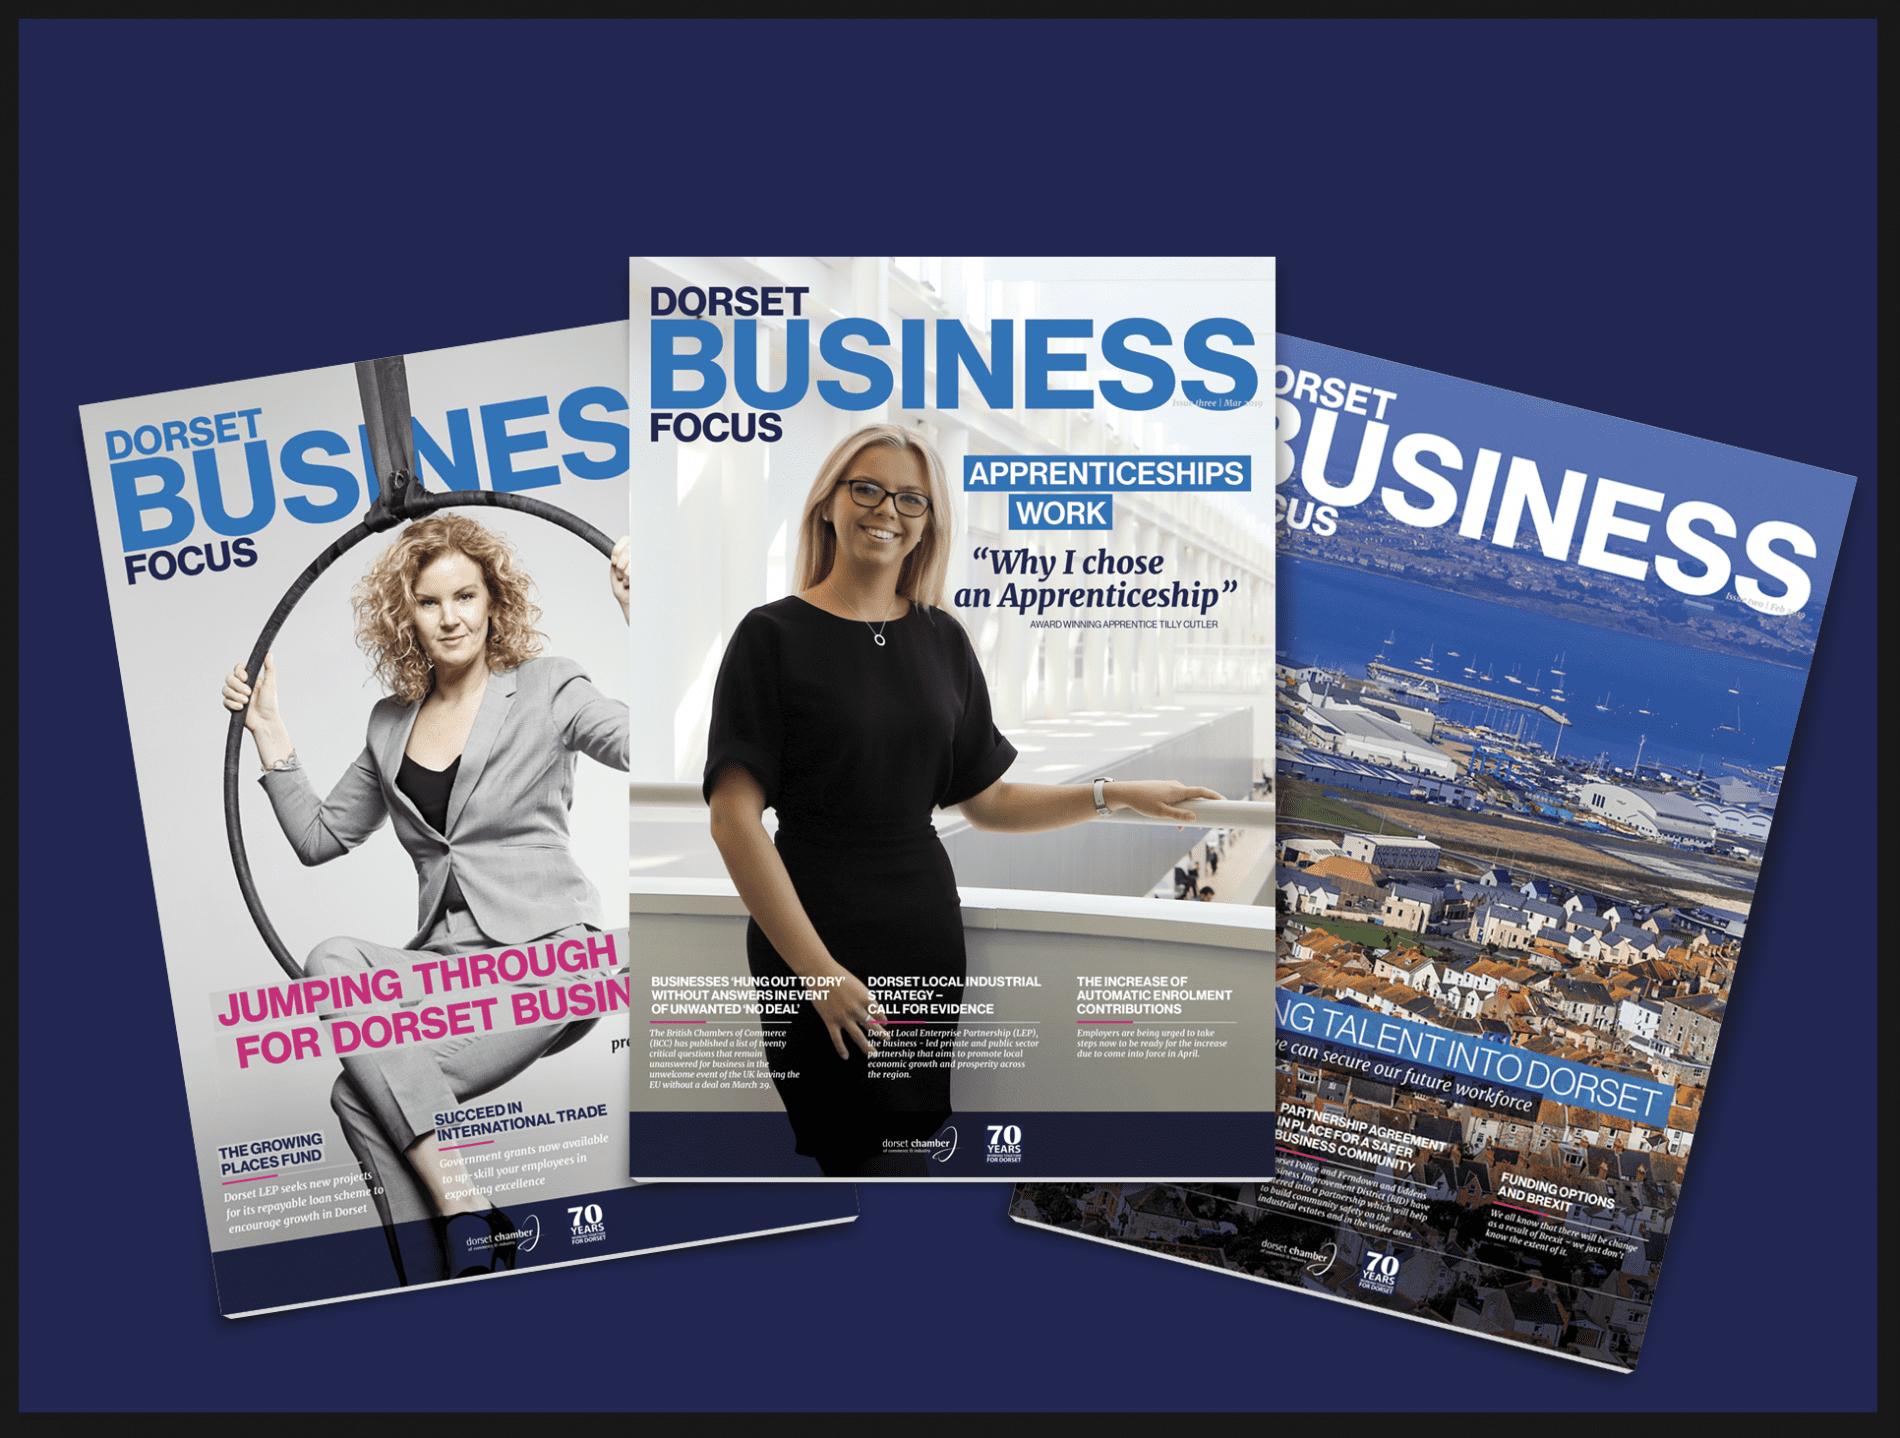 Dorset Business Focus Magazine